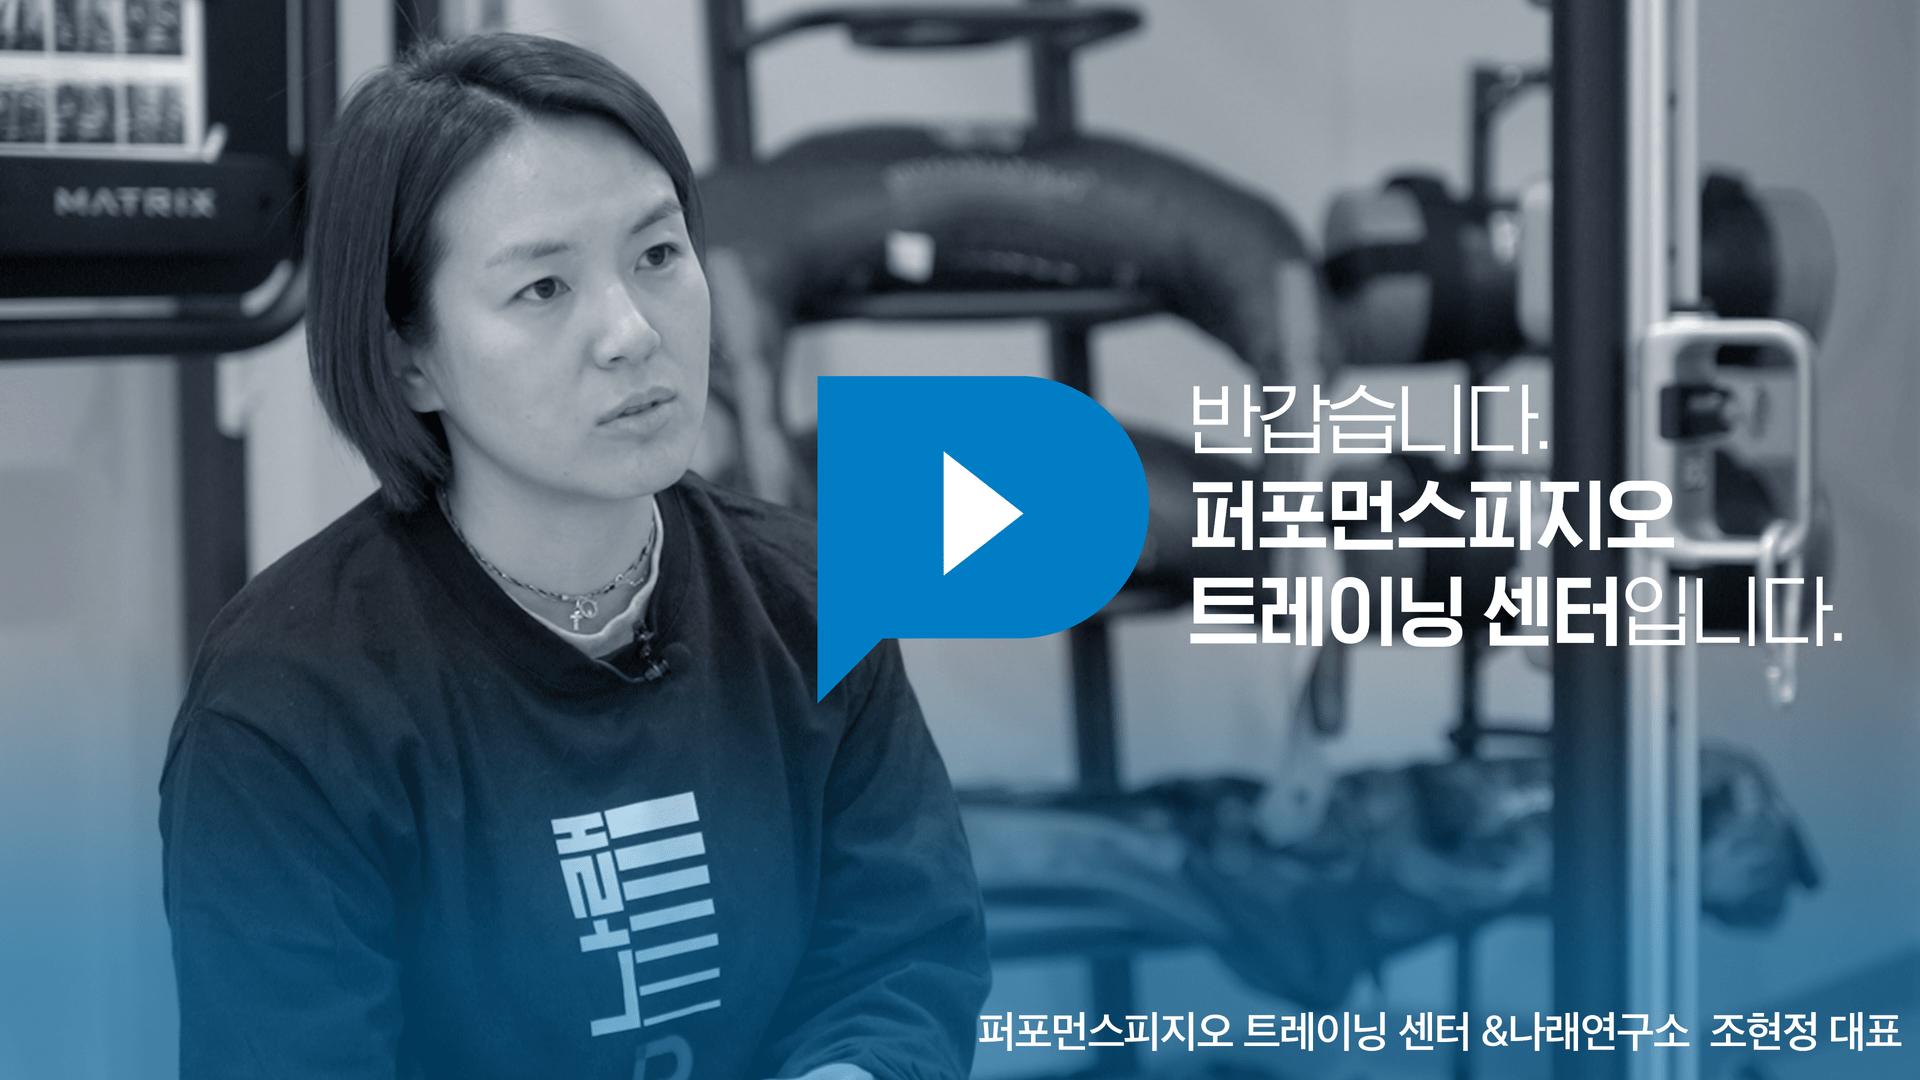 조현정 대표 인터뷰 동영상 썸네일